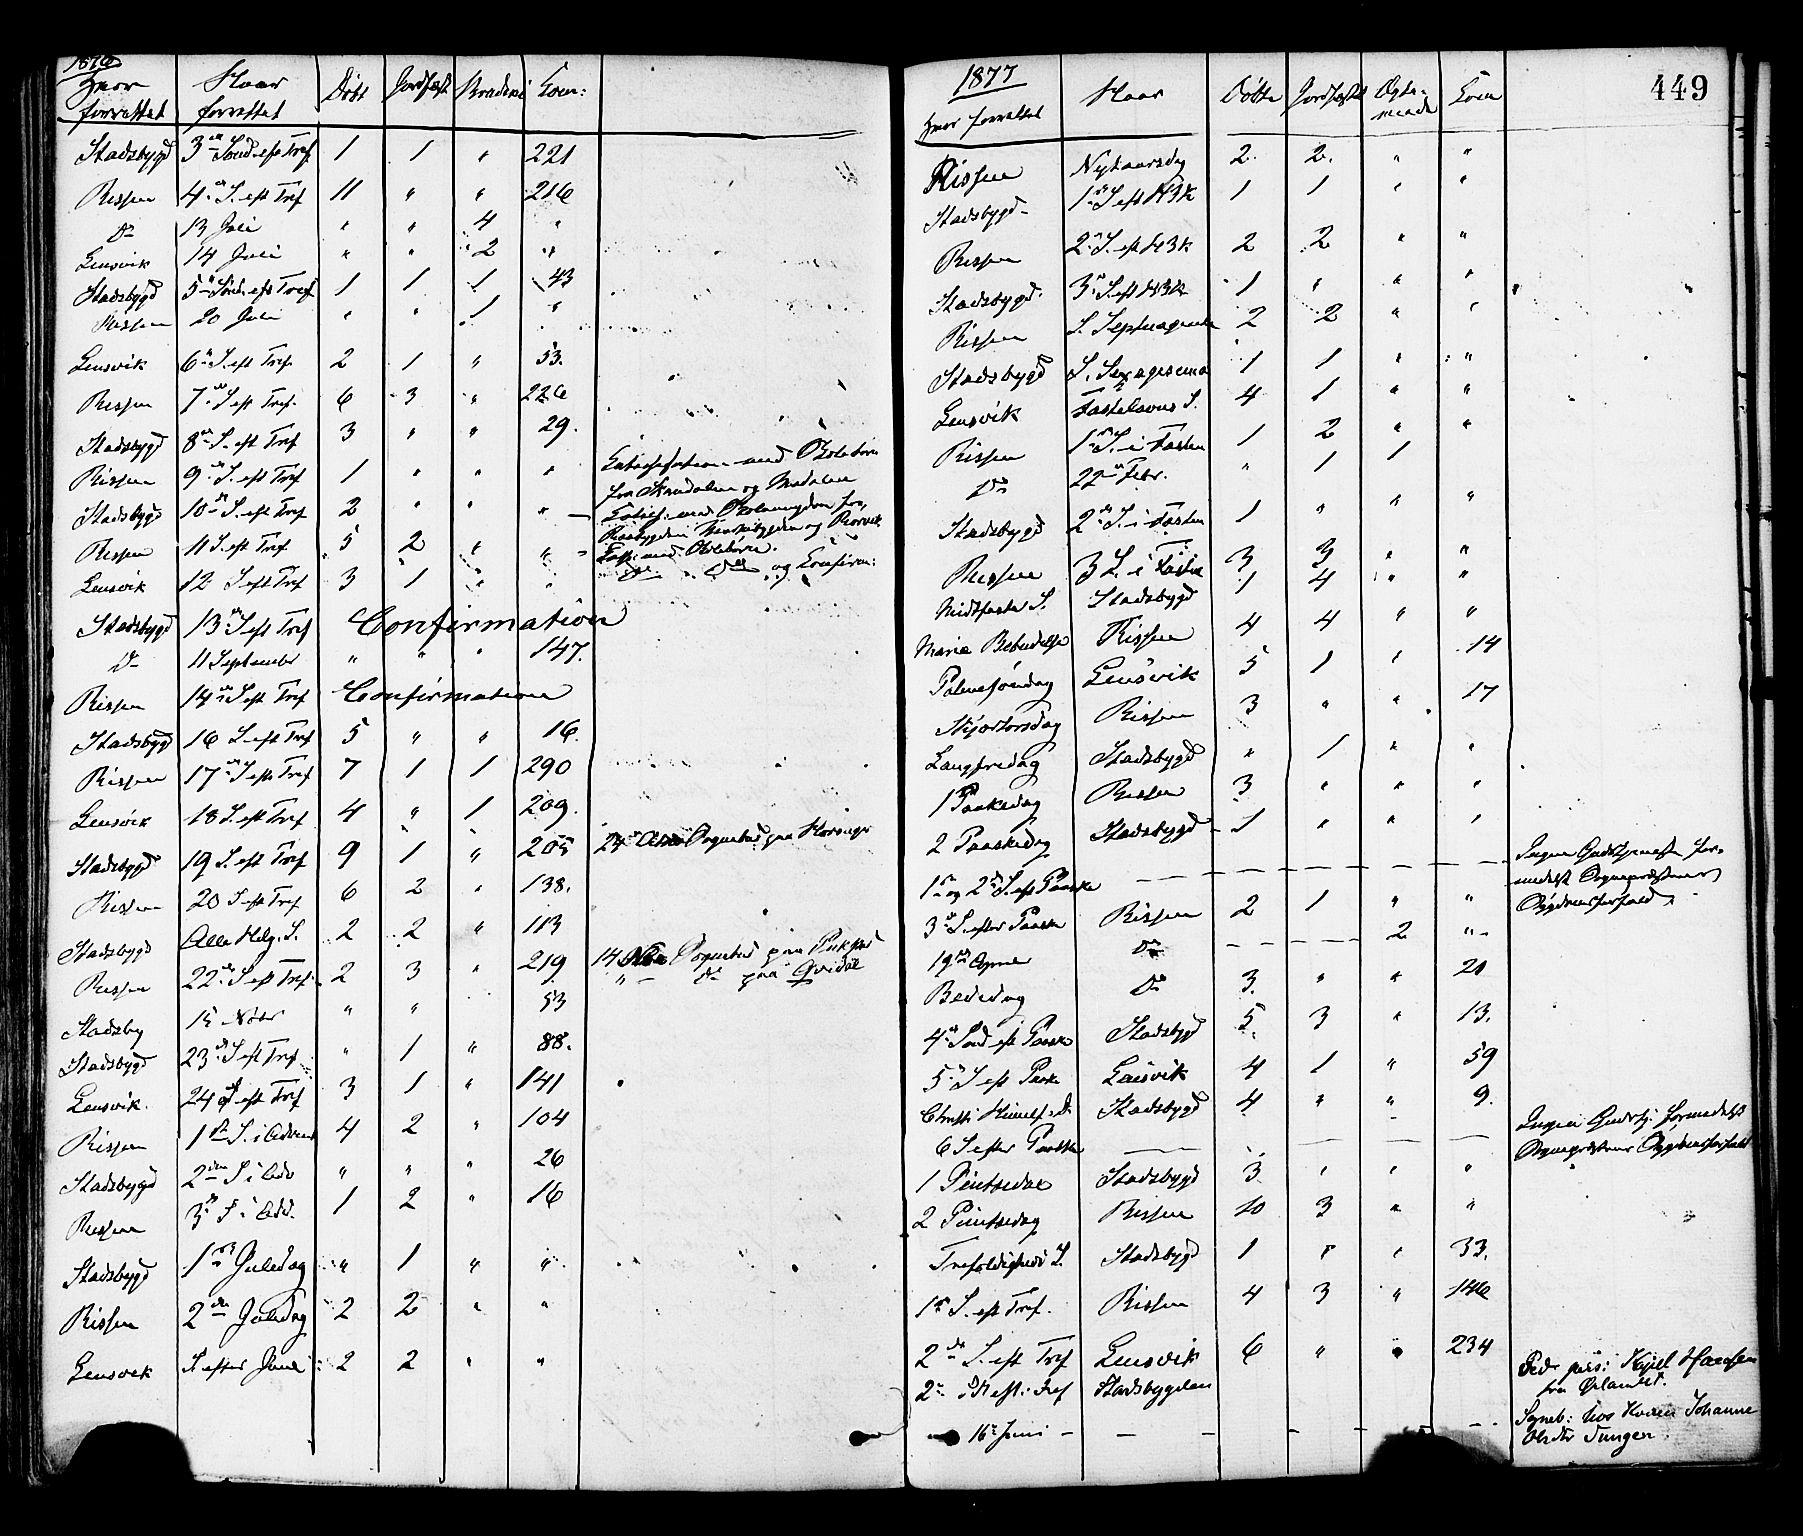 SAT, Ministerialprotokoller, klokkerbøker og fødselsregistre - Sør-Trøndelag, 646/L0613: Ministerialbok nr. 646A11, 1870-1884, s. 449